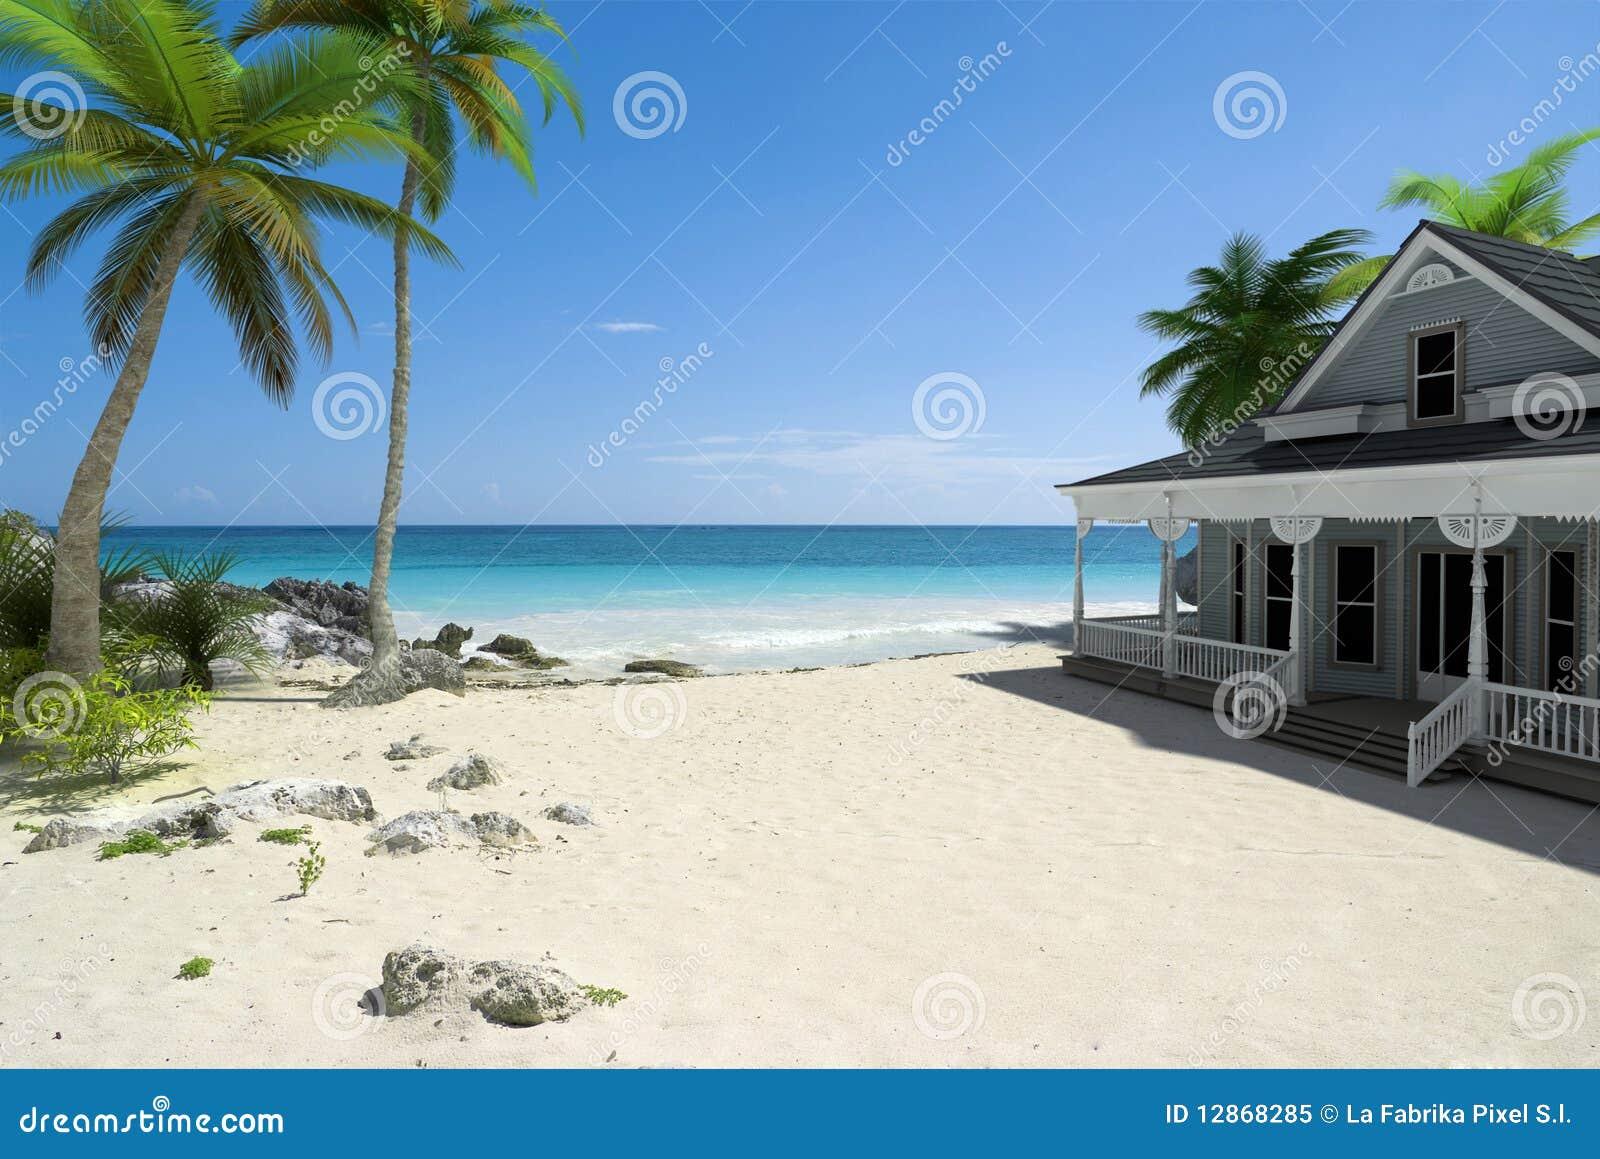 Дом на пляже фото